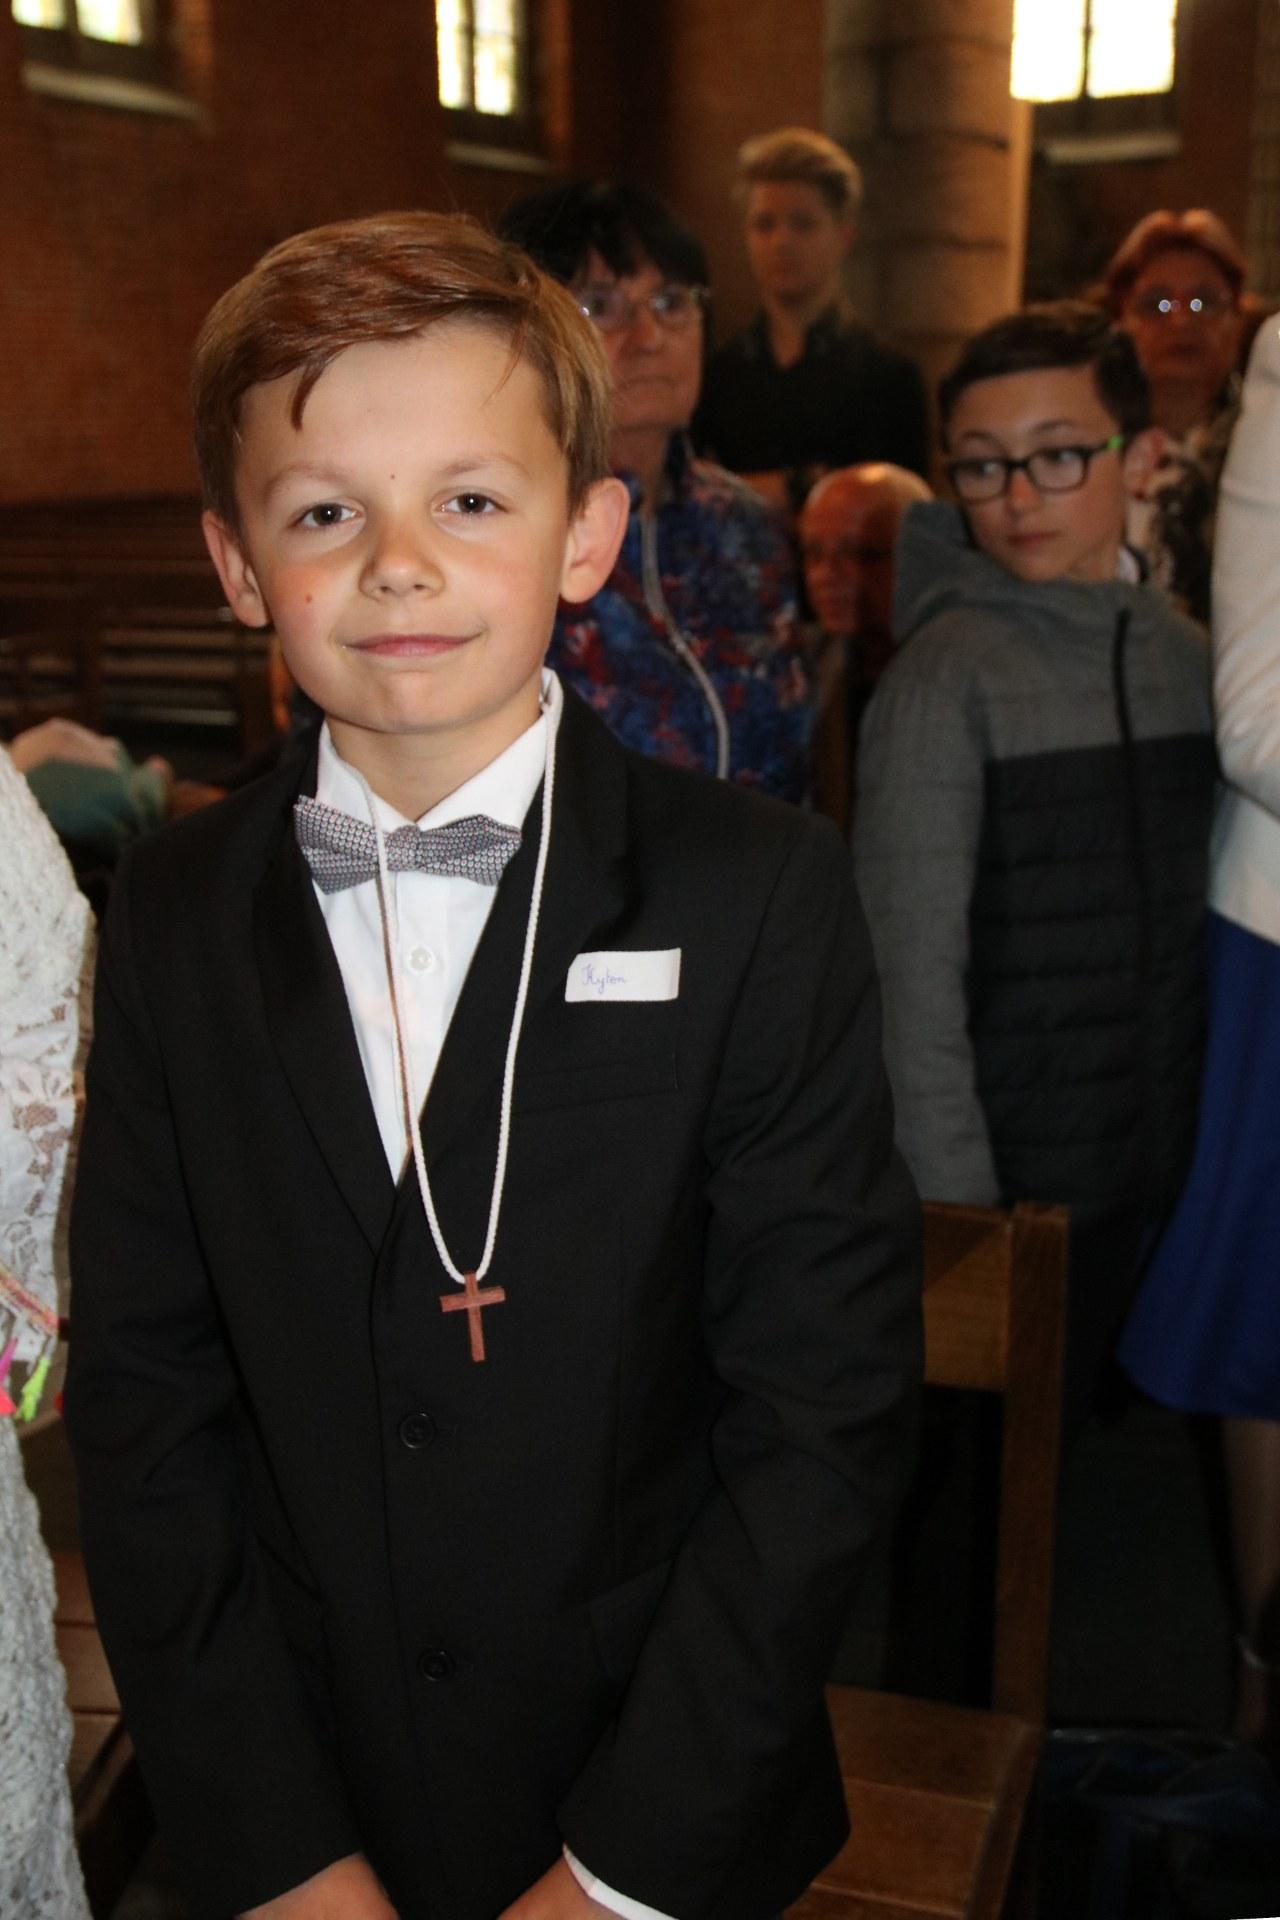 1905_Célébration de baptêmes (7 -12 ans) 23